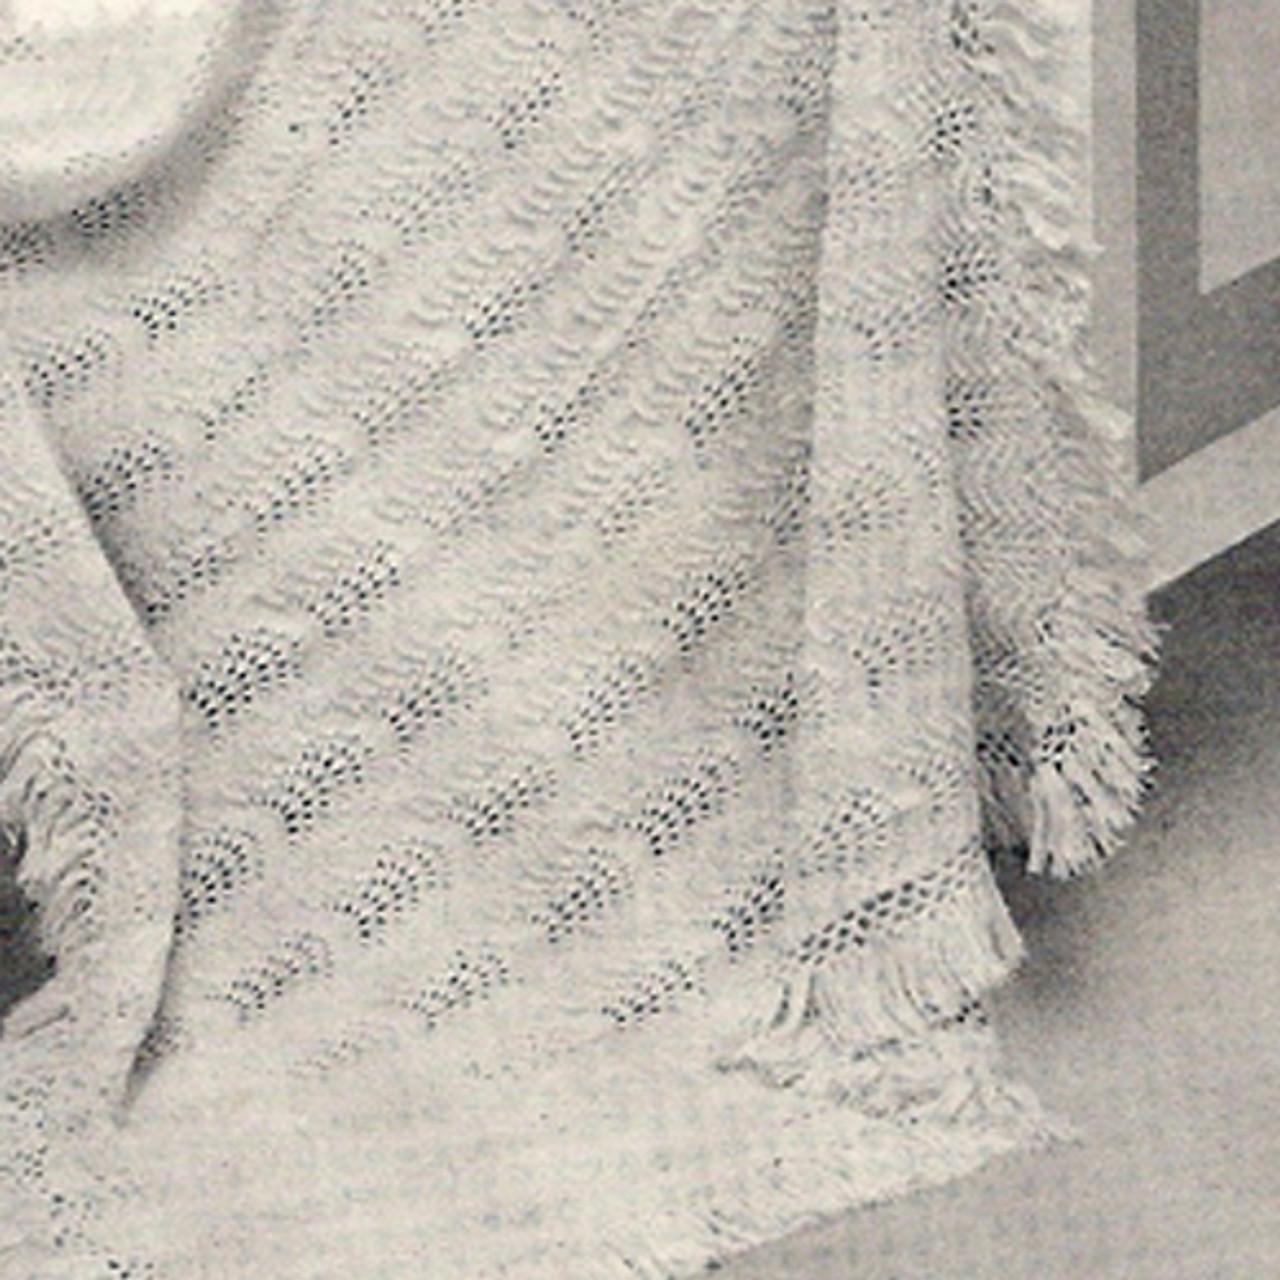 Knitting Pattern, Baby Blanket in Fingering Yarn